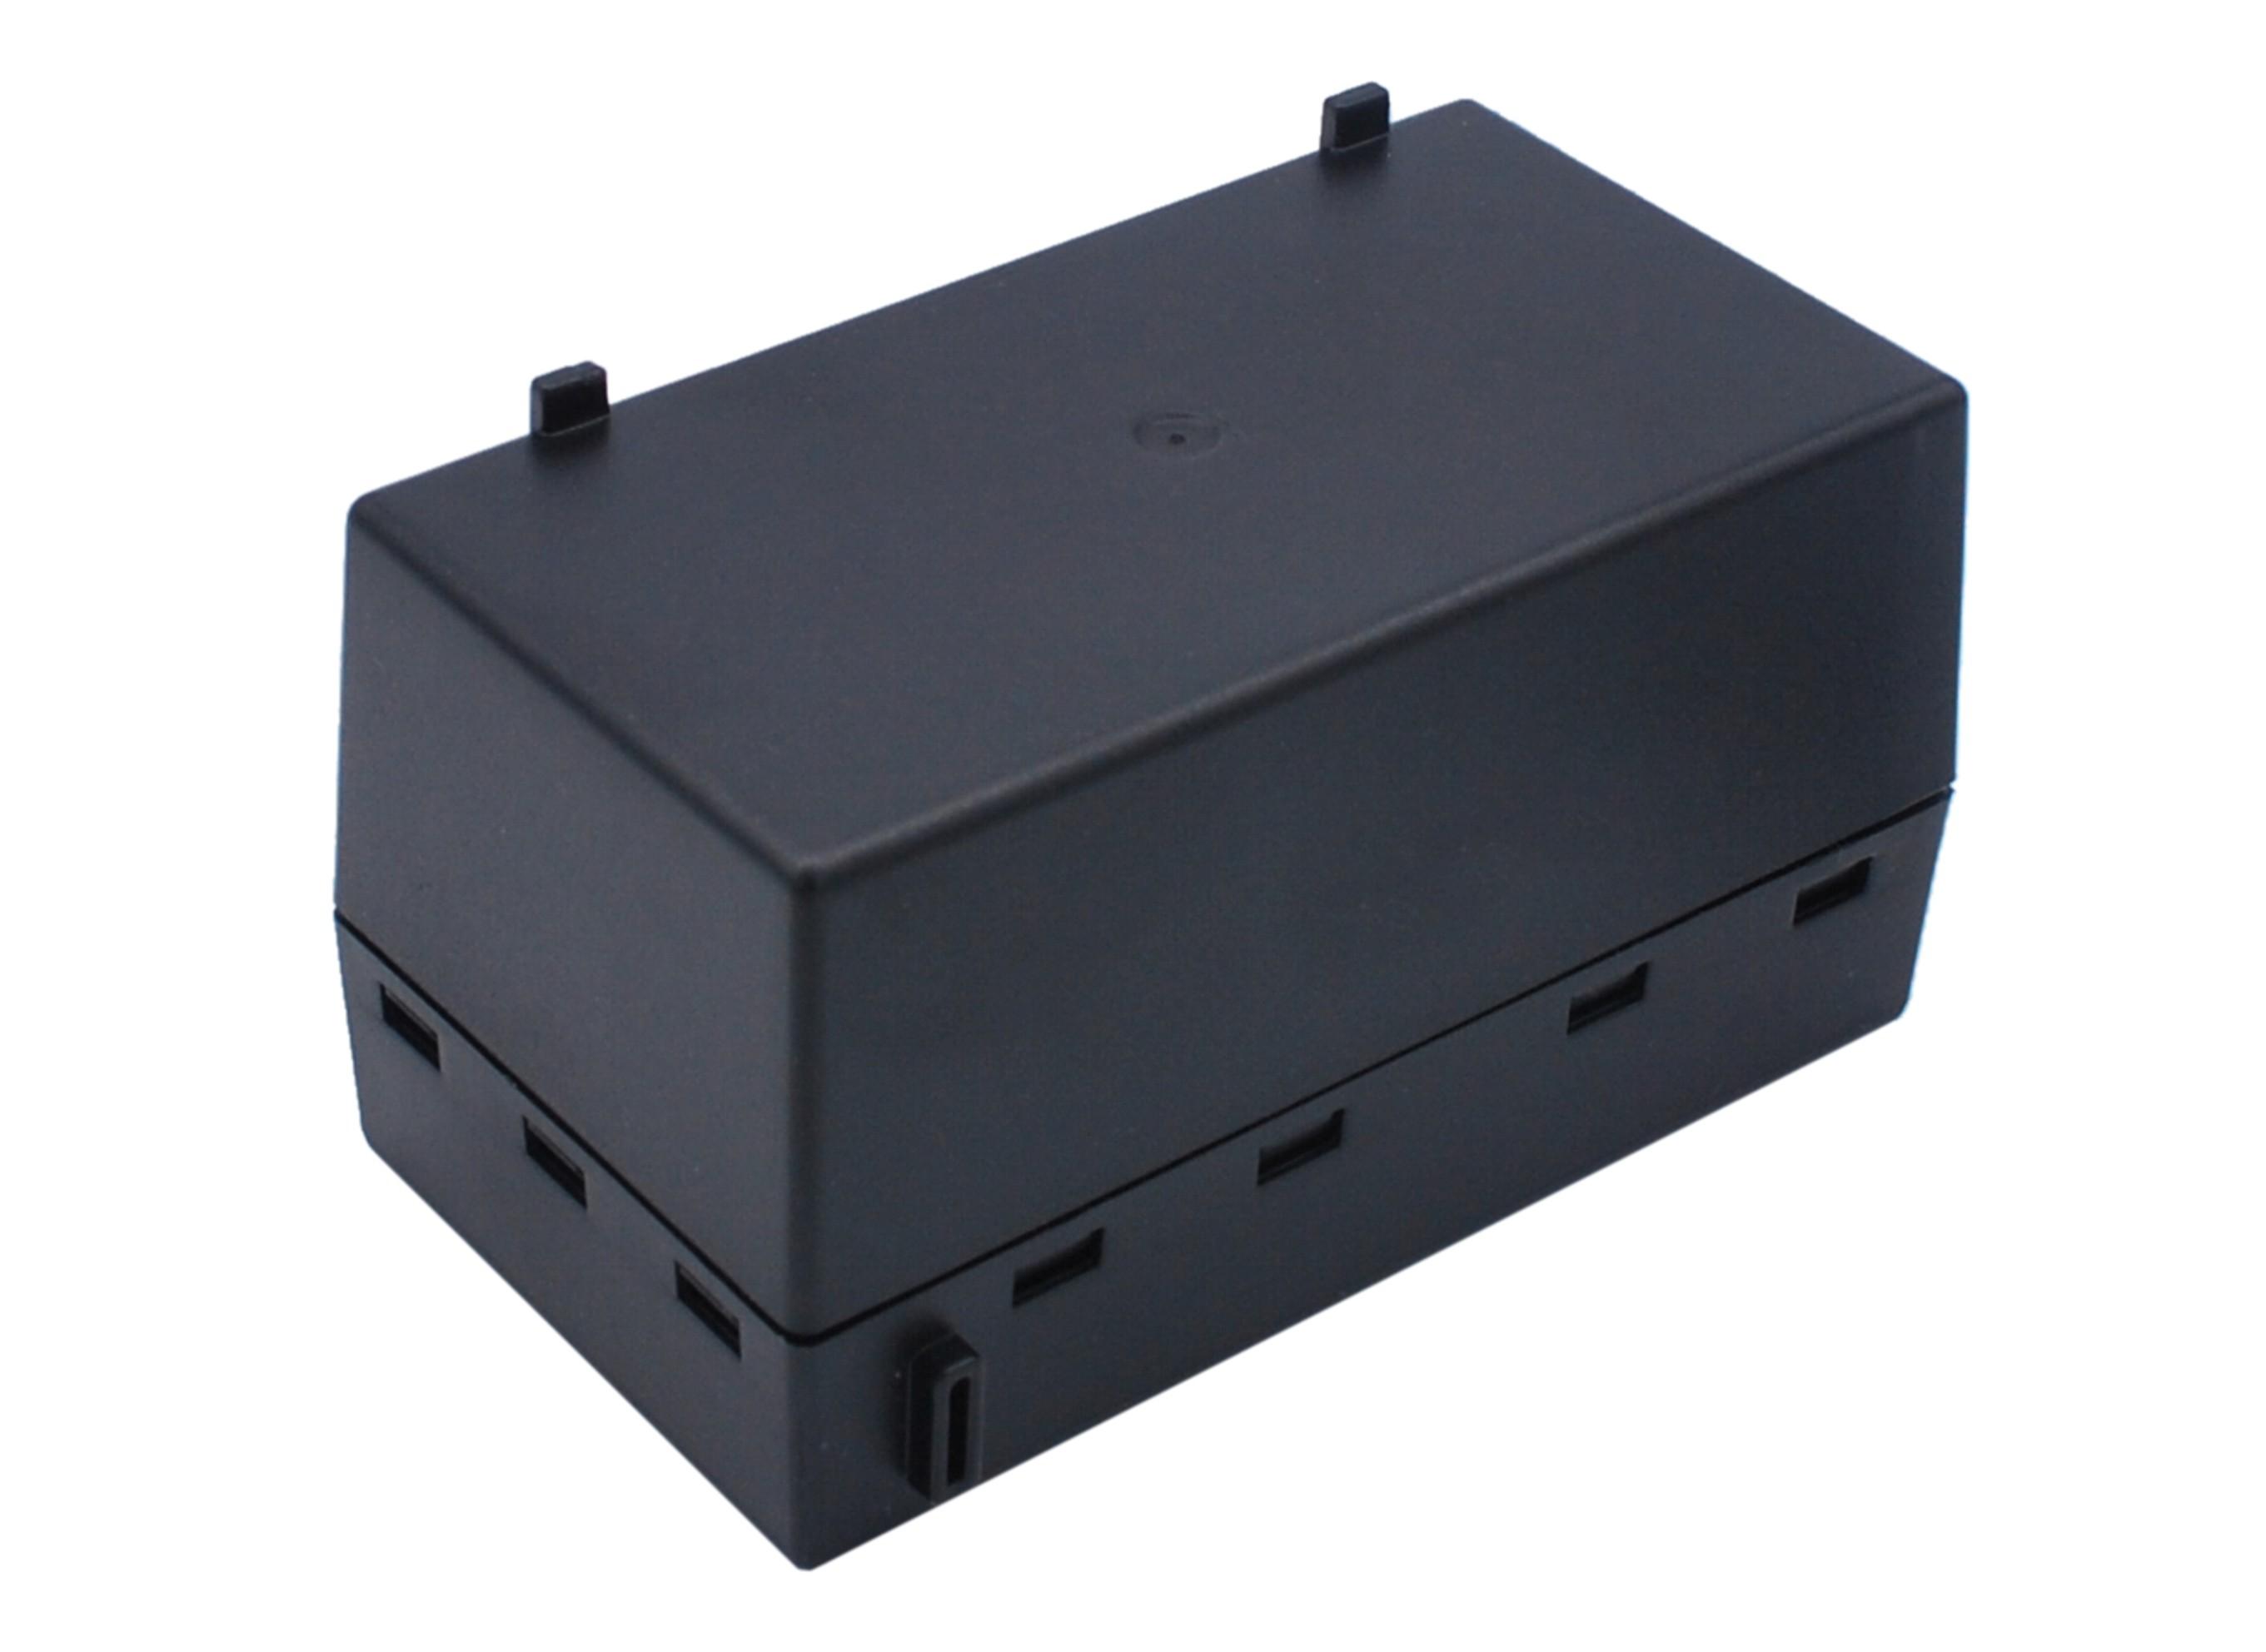 dj4300006b battery for samsung navibot sr8940 navibot sr8950 navibot sr8980 ebay. Black Bedroom Furniture Sets. Home Design Ideas